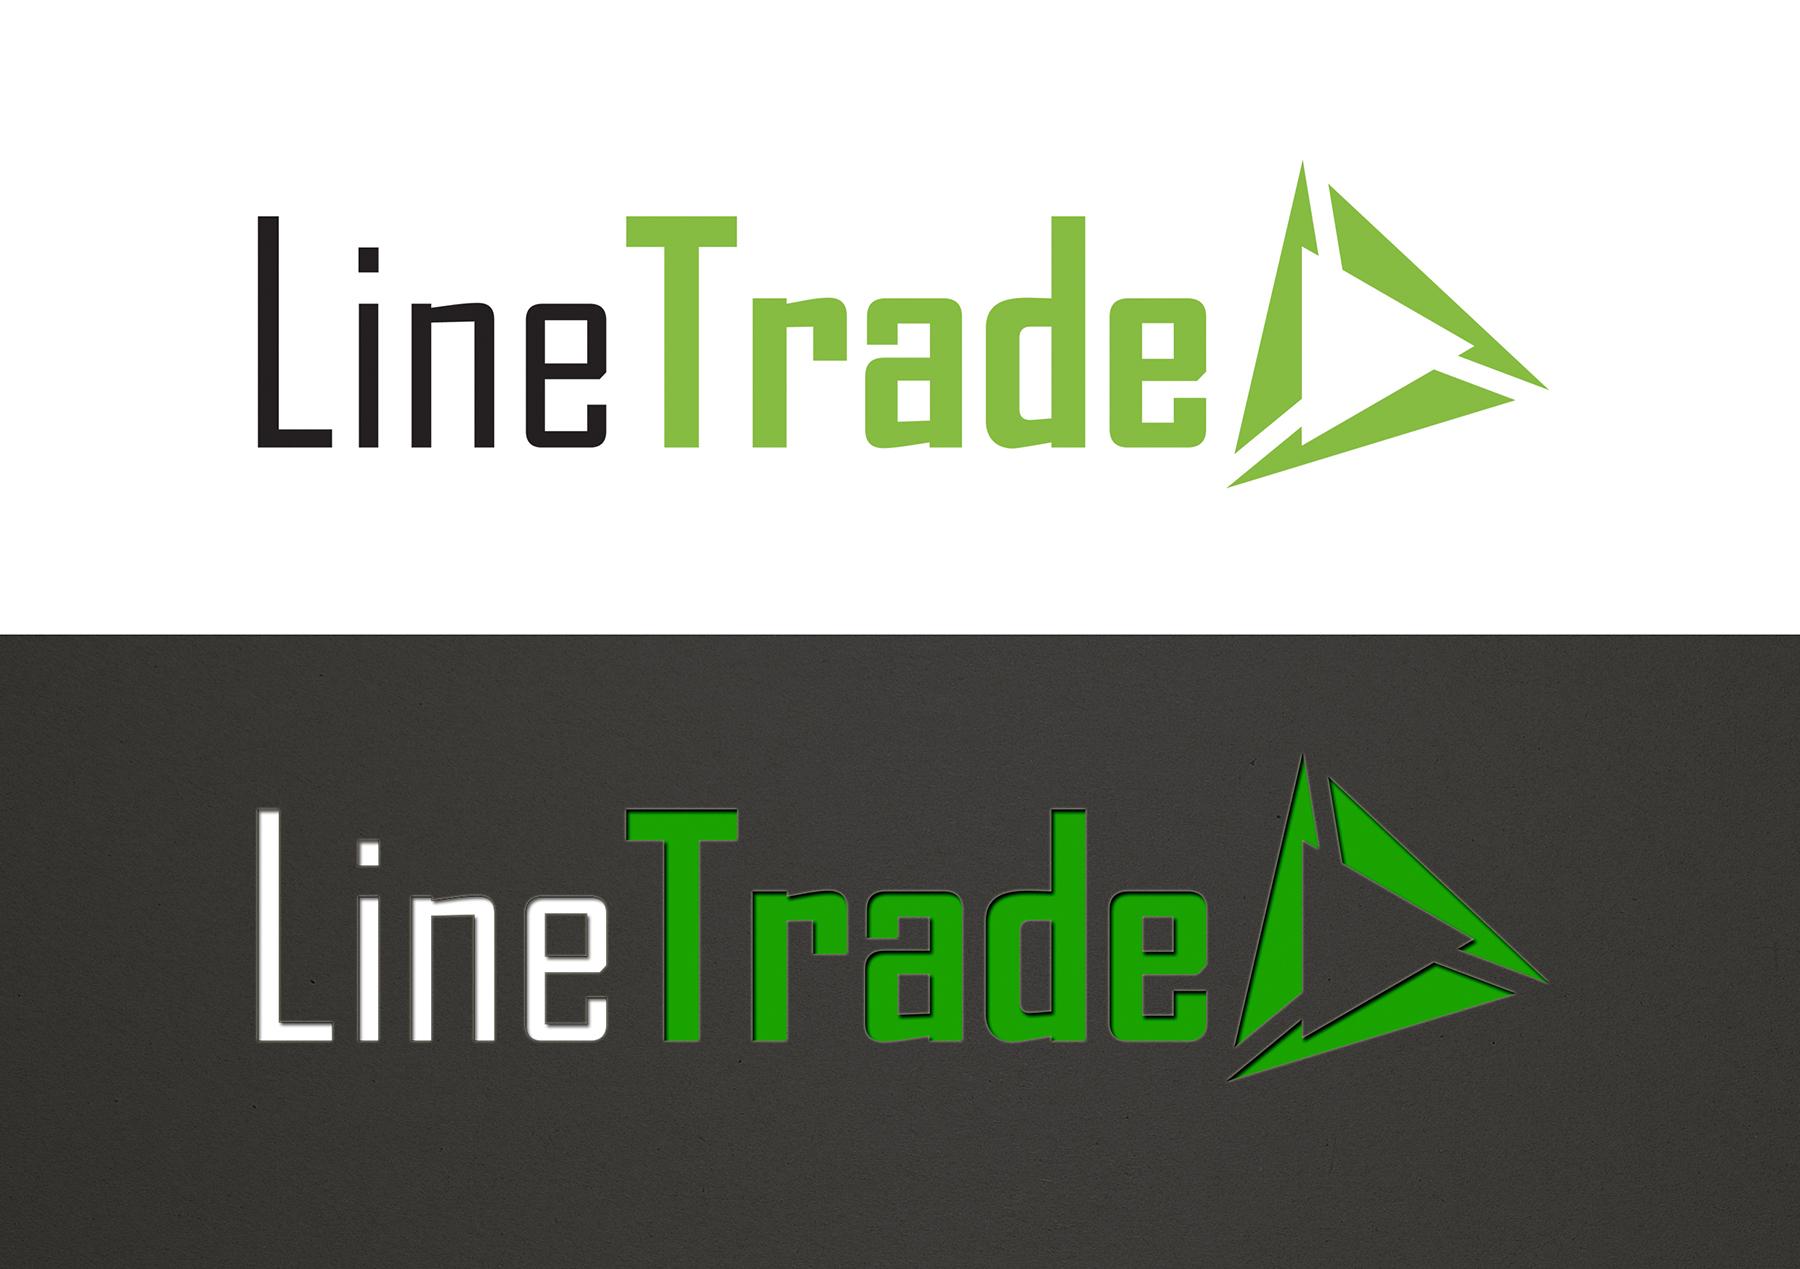 Разработка логотипа компании Line Trade фото f_21150fc47c310f71.jpg